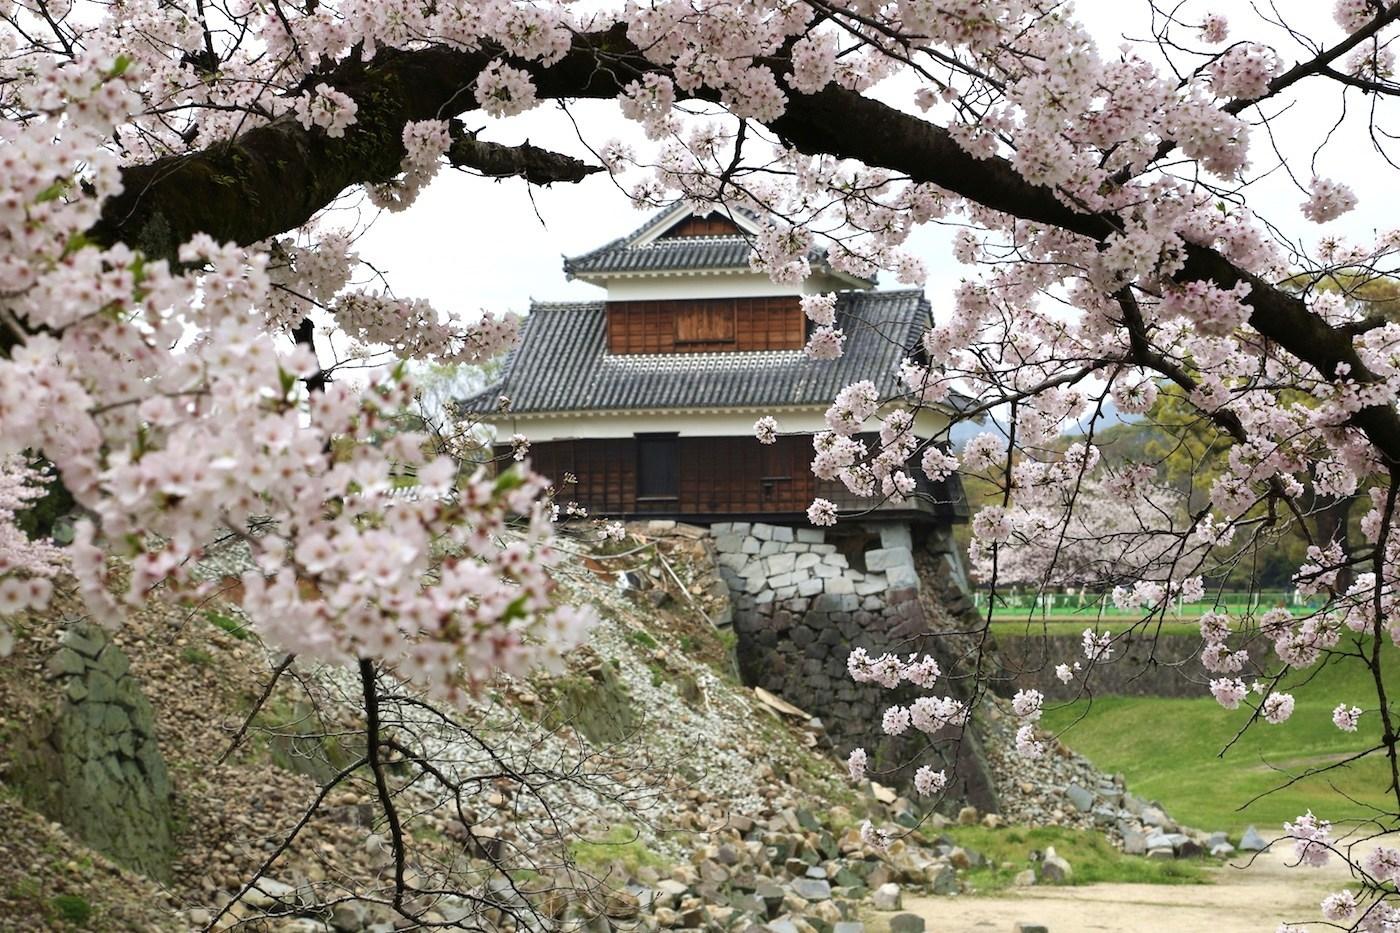 kumamoto-castle-sakura.jpg